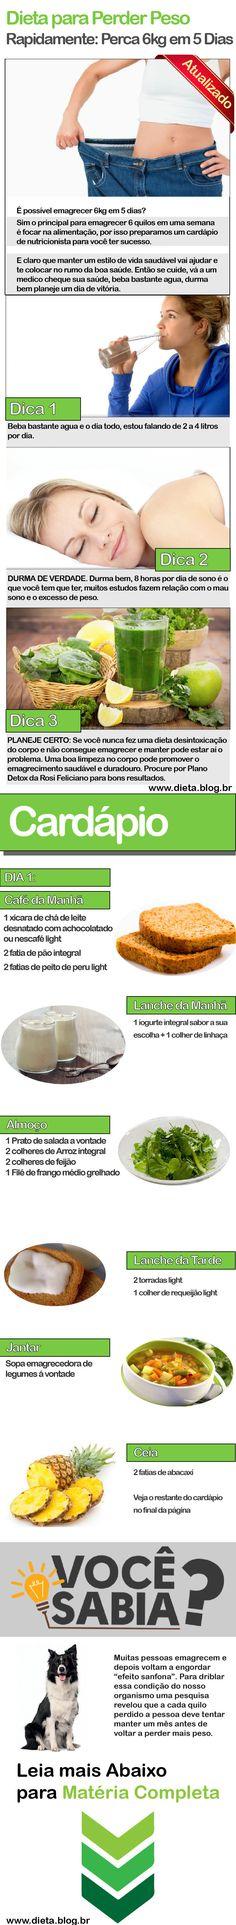 Dieta para Perder Peso Rapidamente Perca 6kg em 5 Dias